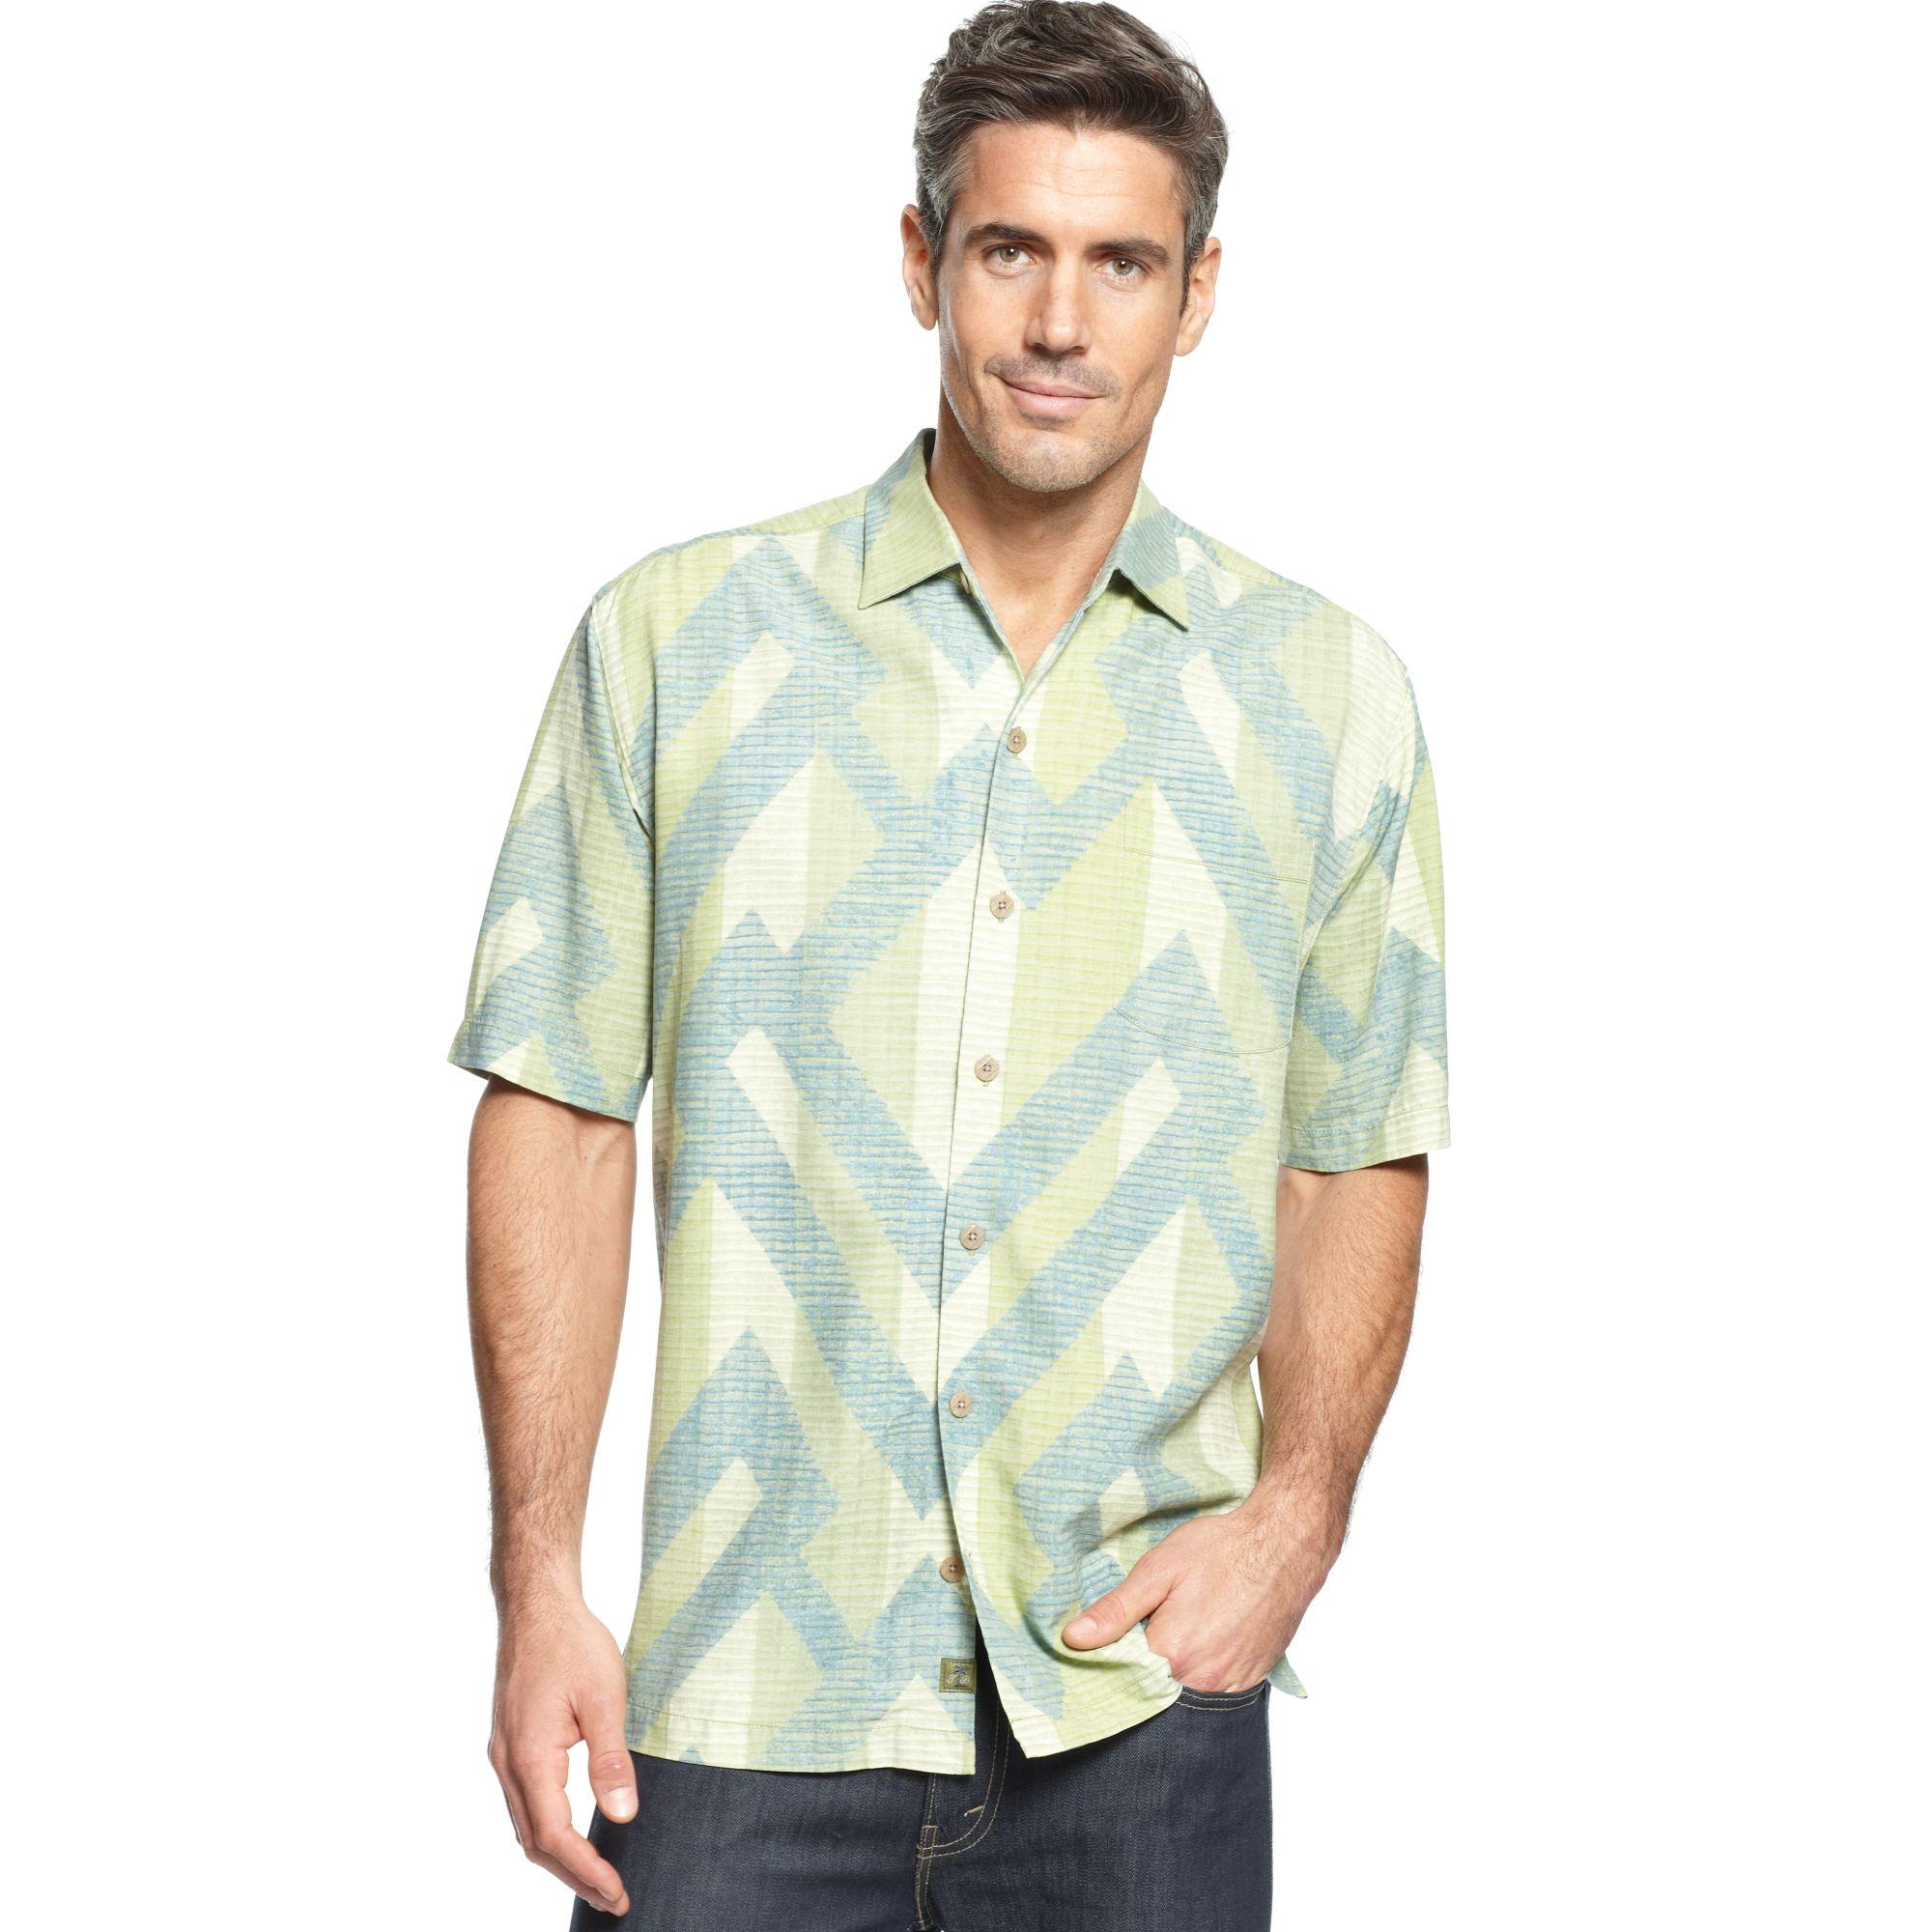 Tommy Bahama Ornate Paradise Short Sleeve Shirt In